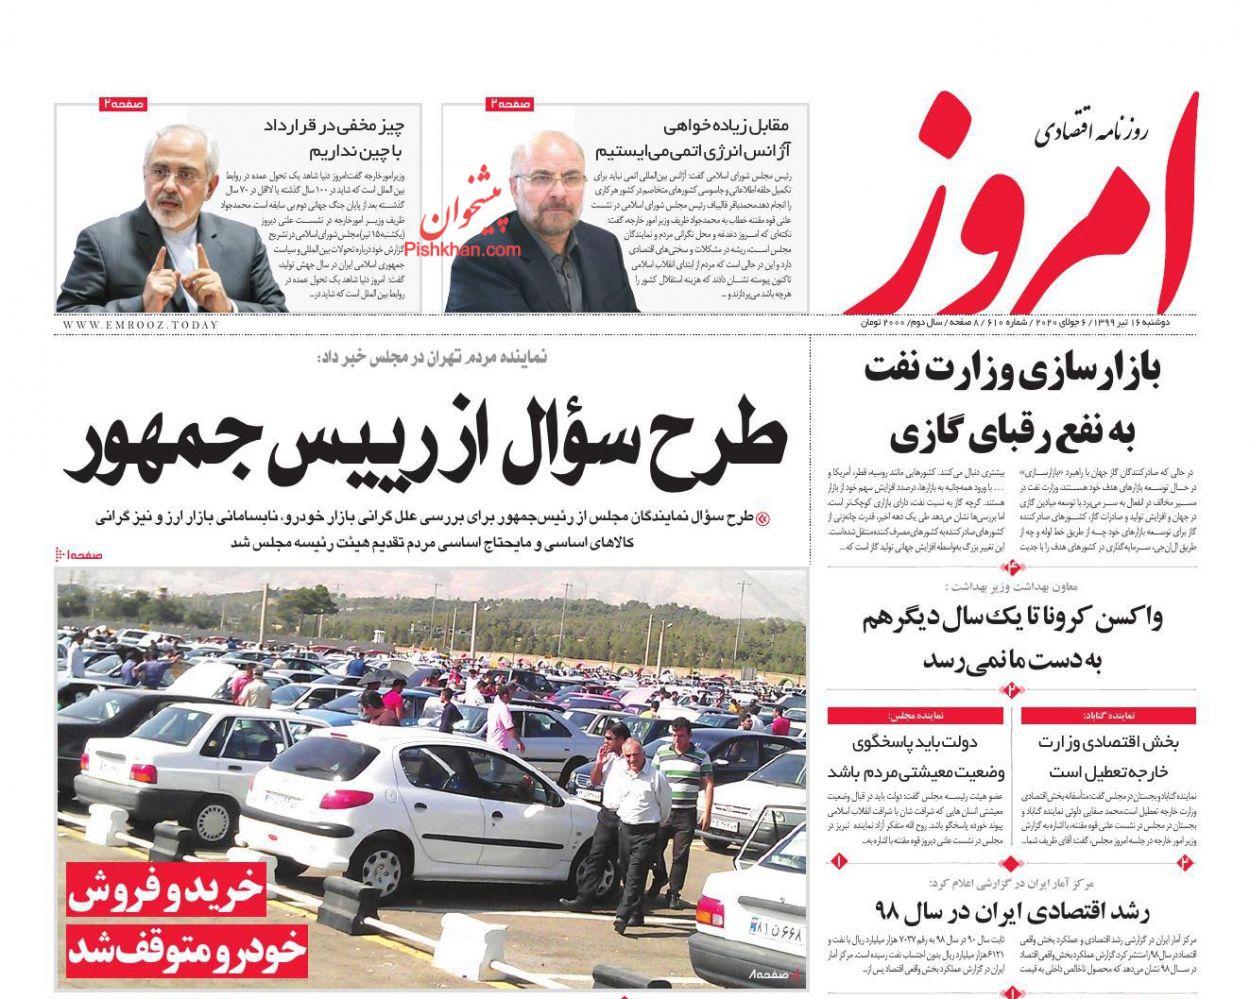 عناوین اخبار روزنامه امروز در روز دوشنبه ۱۶ تیر